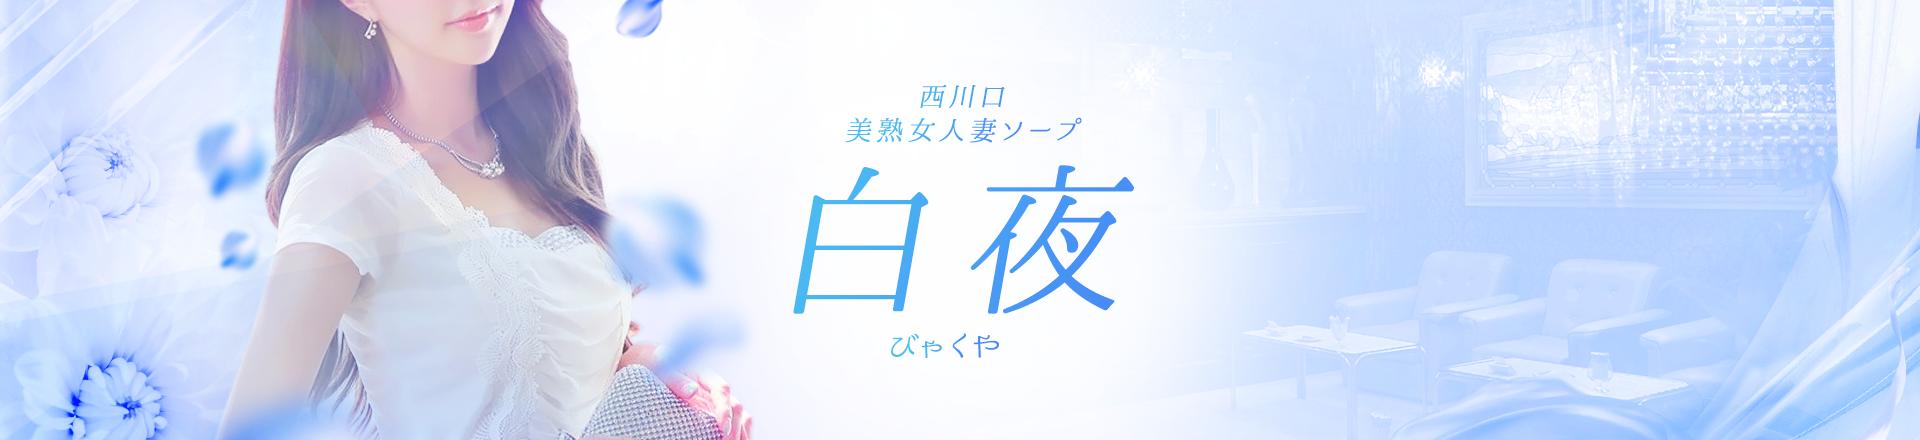 西川口ソープ 美熟女専科『白夜』